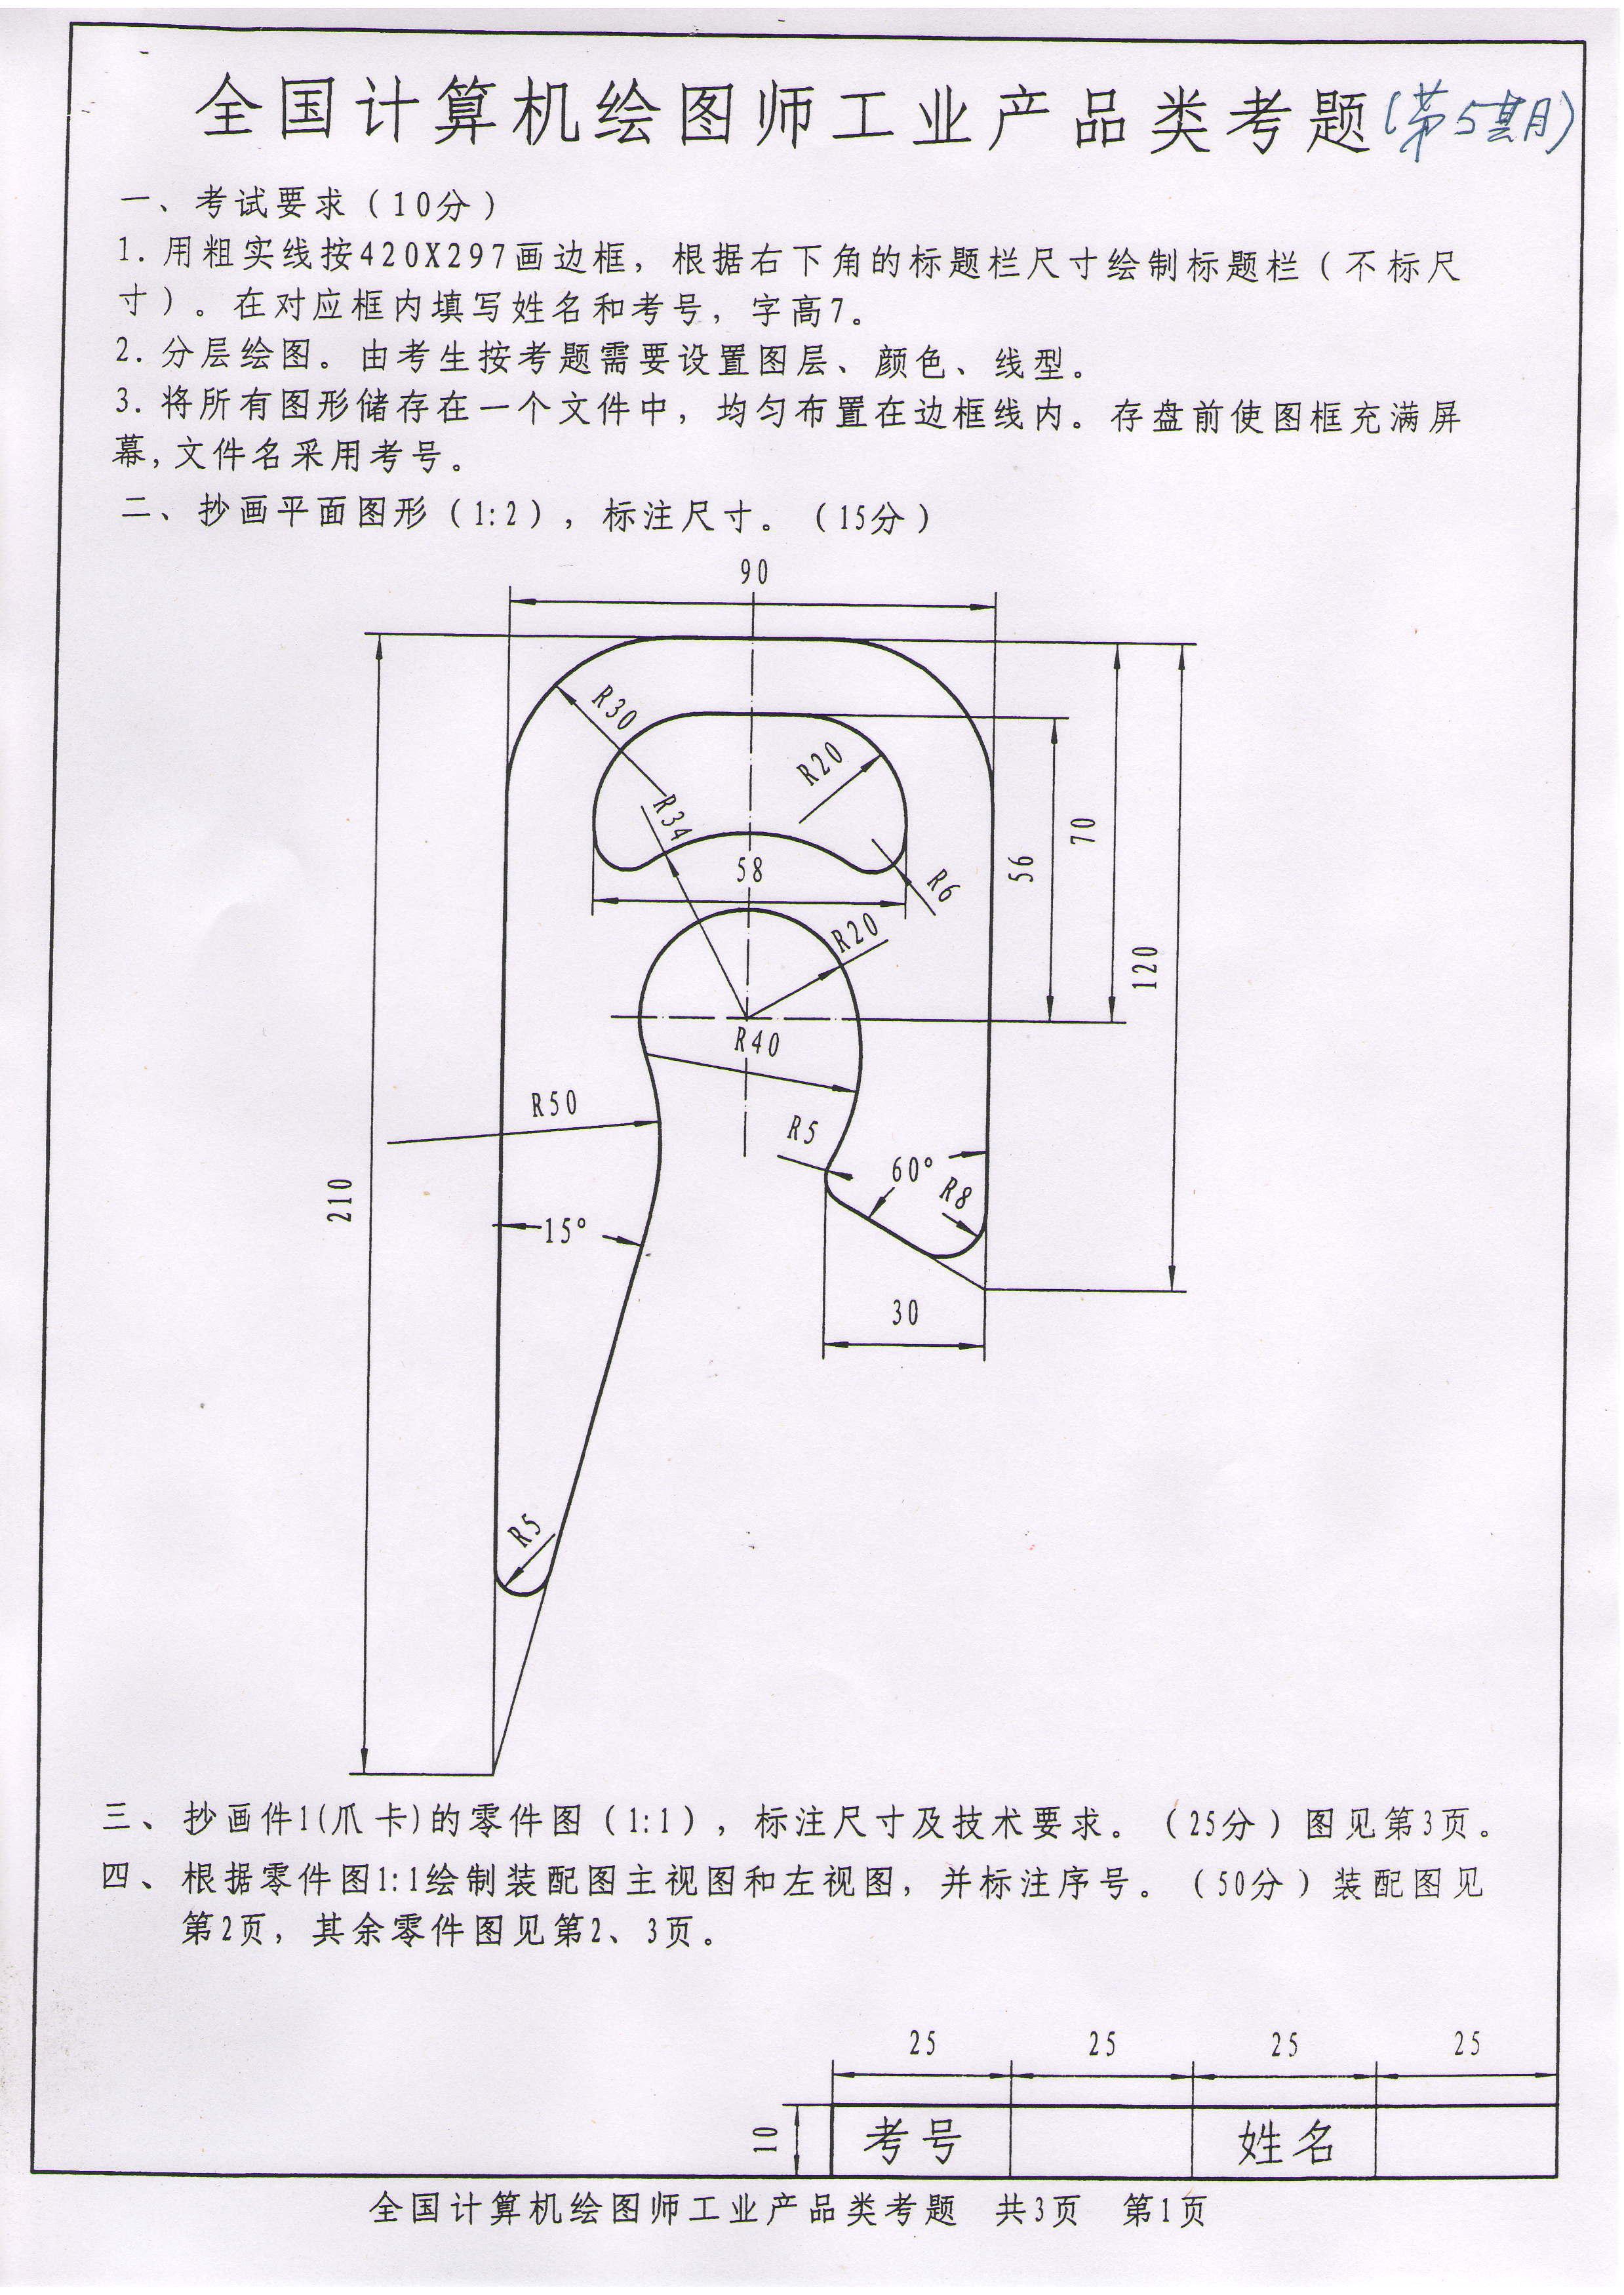 計算機繪圖師工業產品類考題圖片